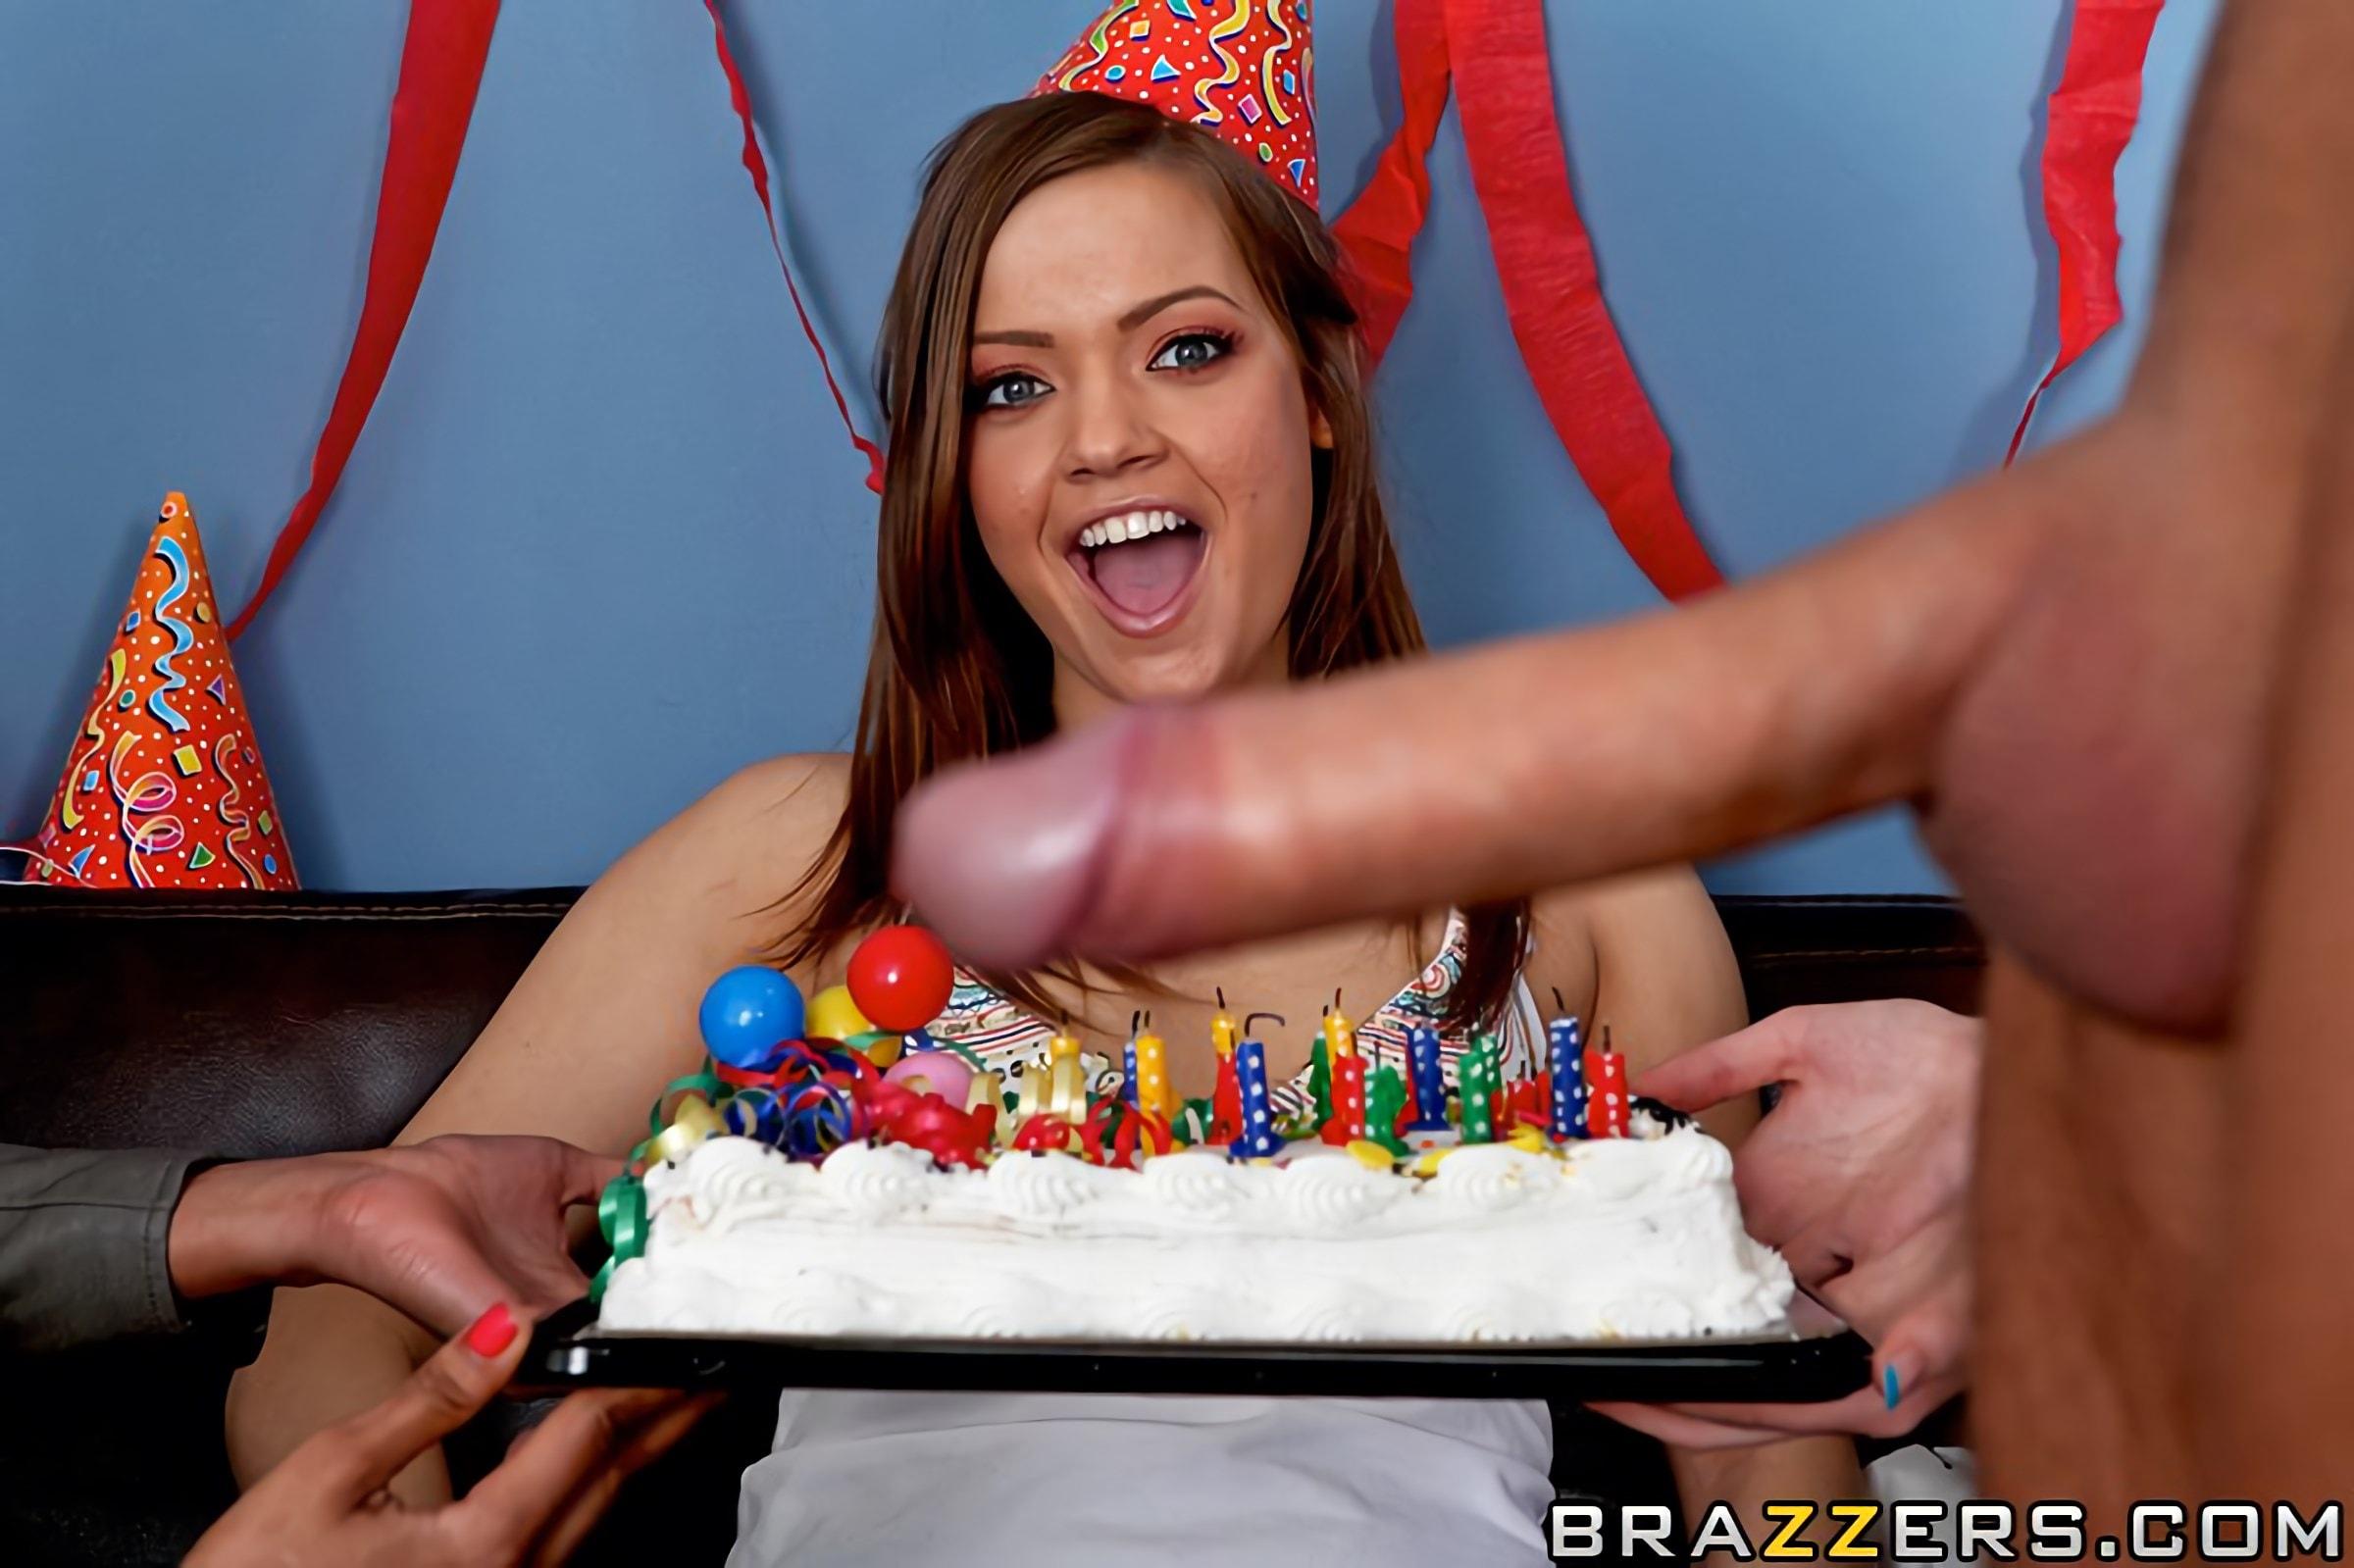 Жена подарила на день рождения подружку порно — photo 7